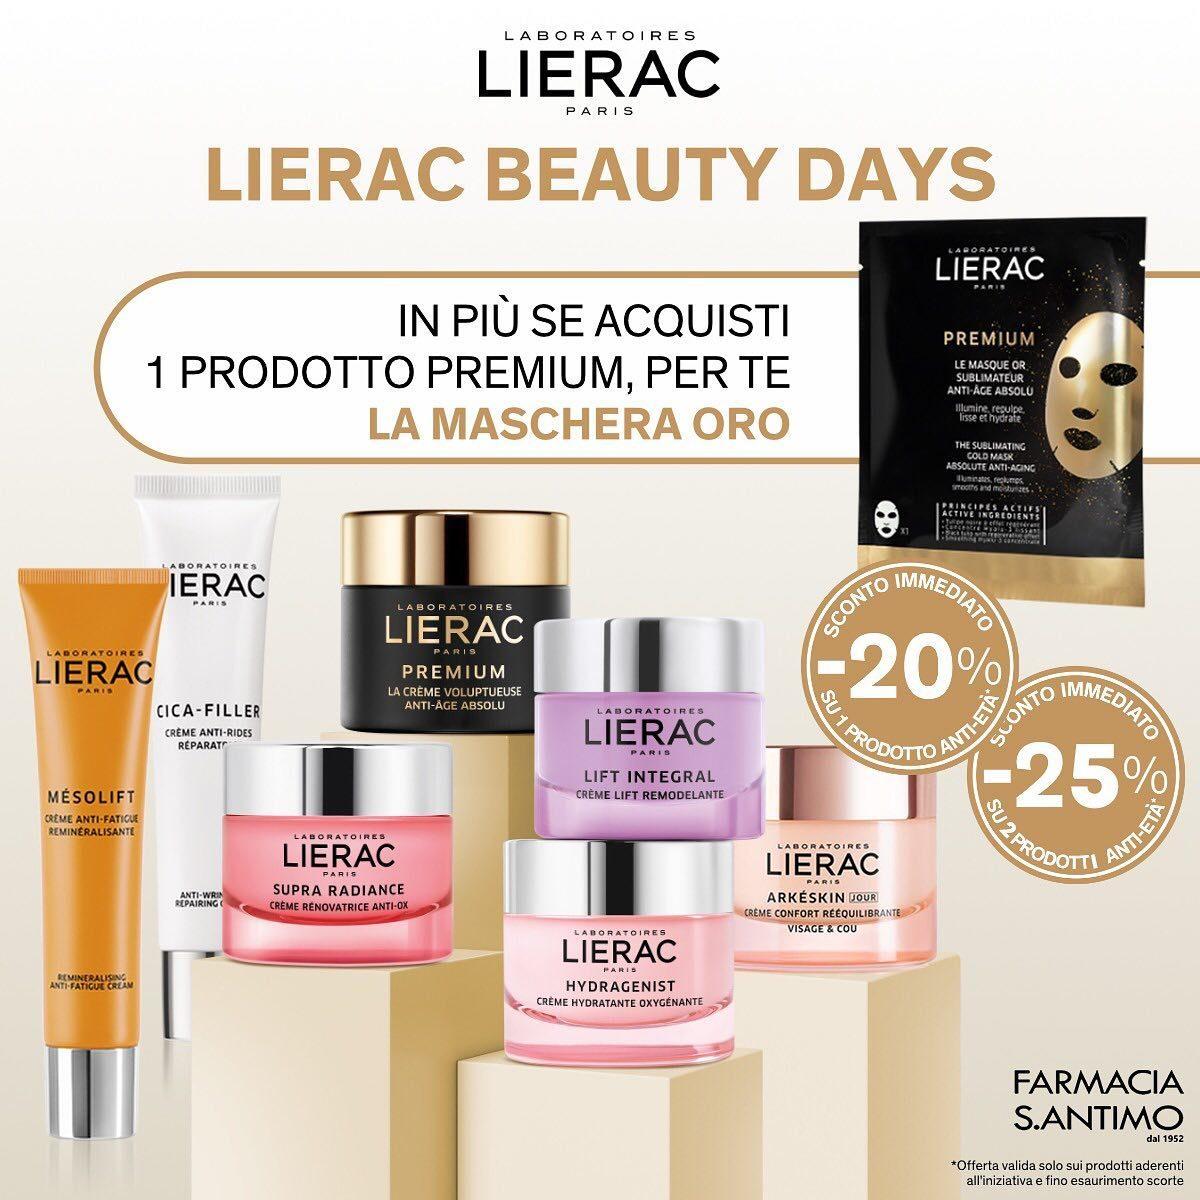 lierac-21sett-1200x1200.jpg